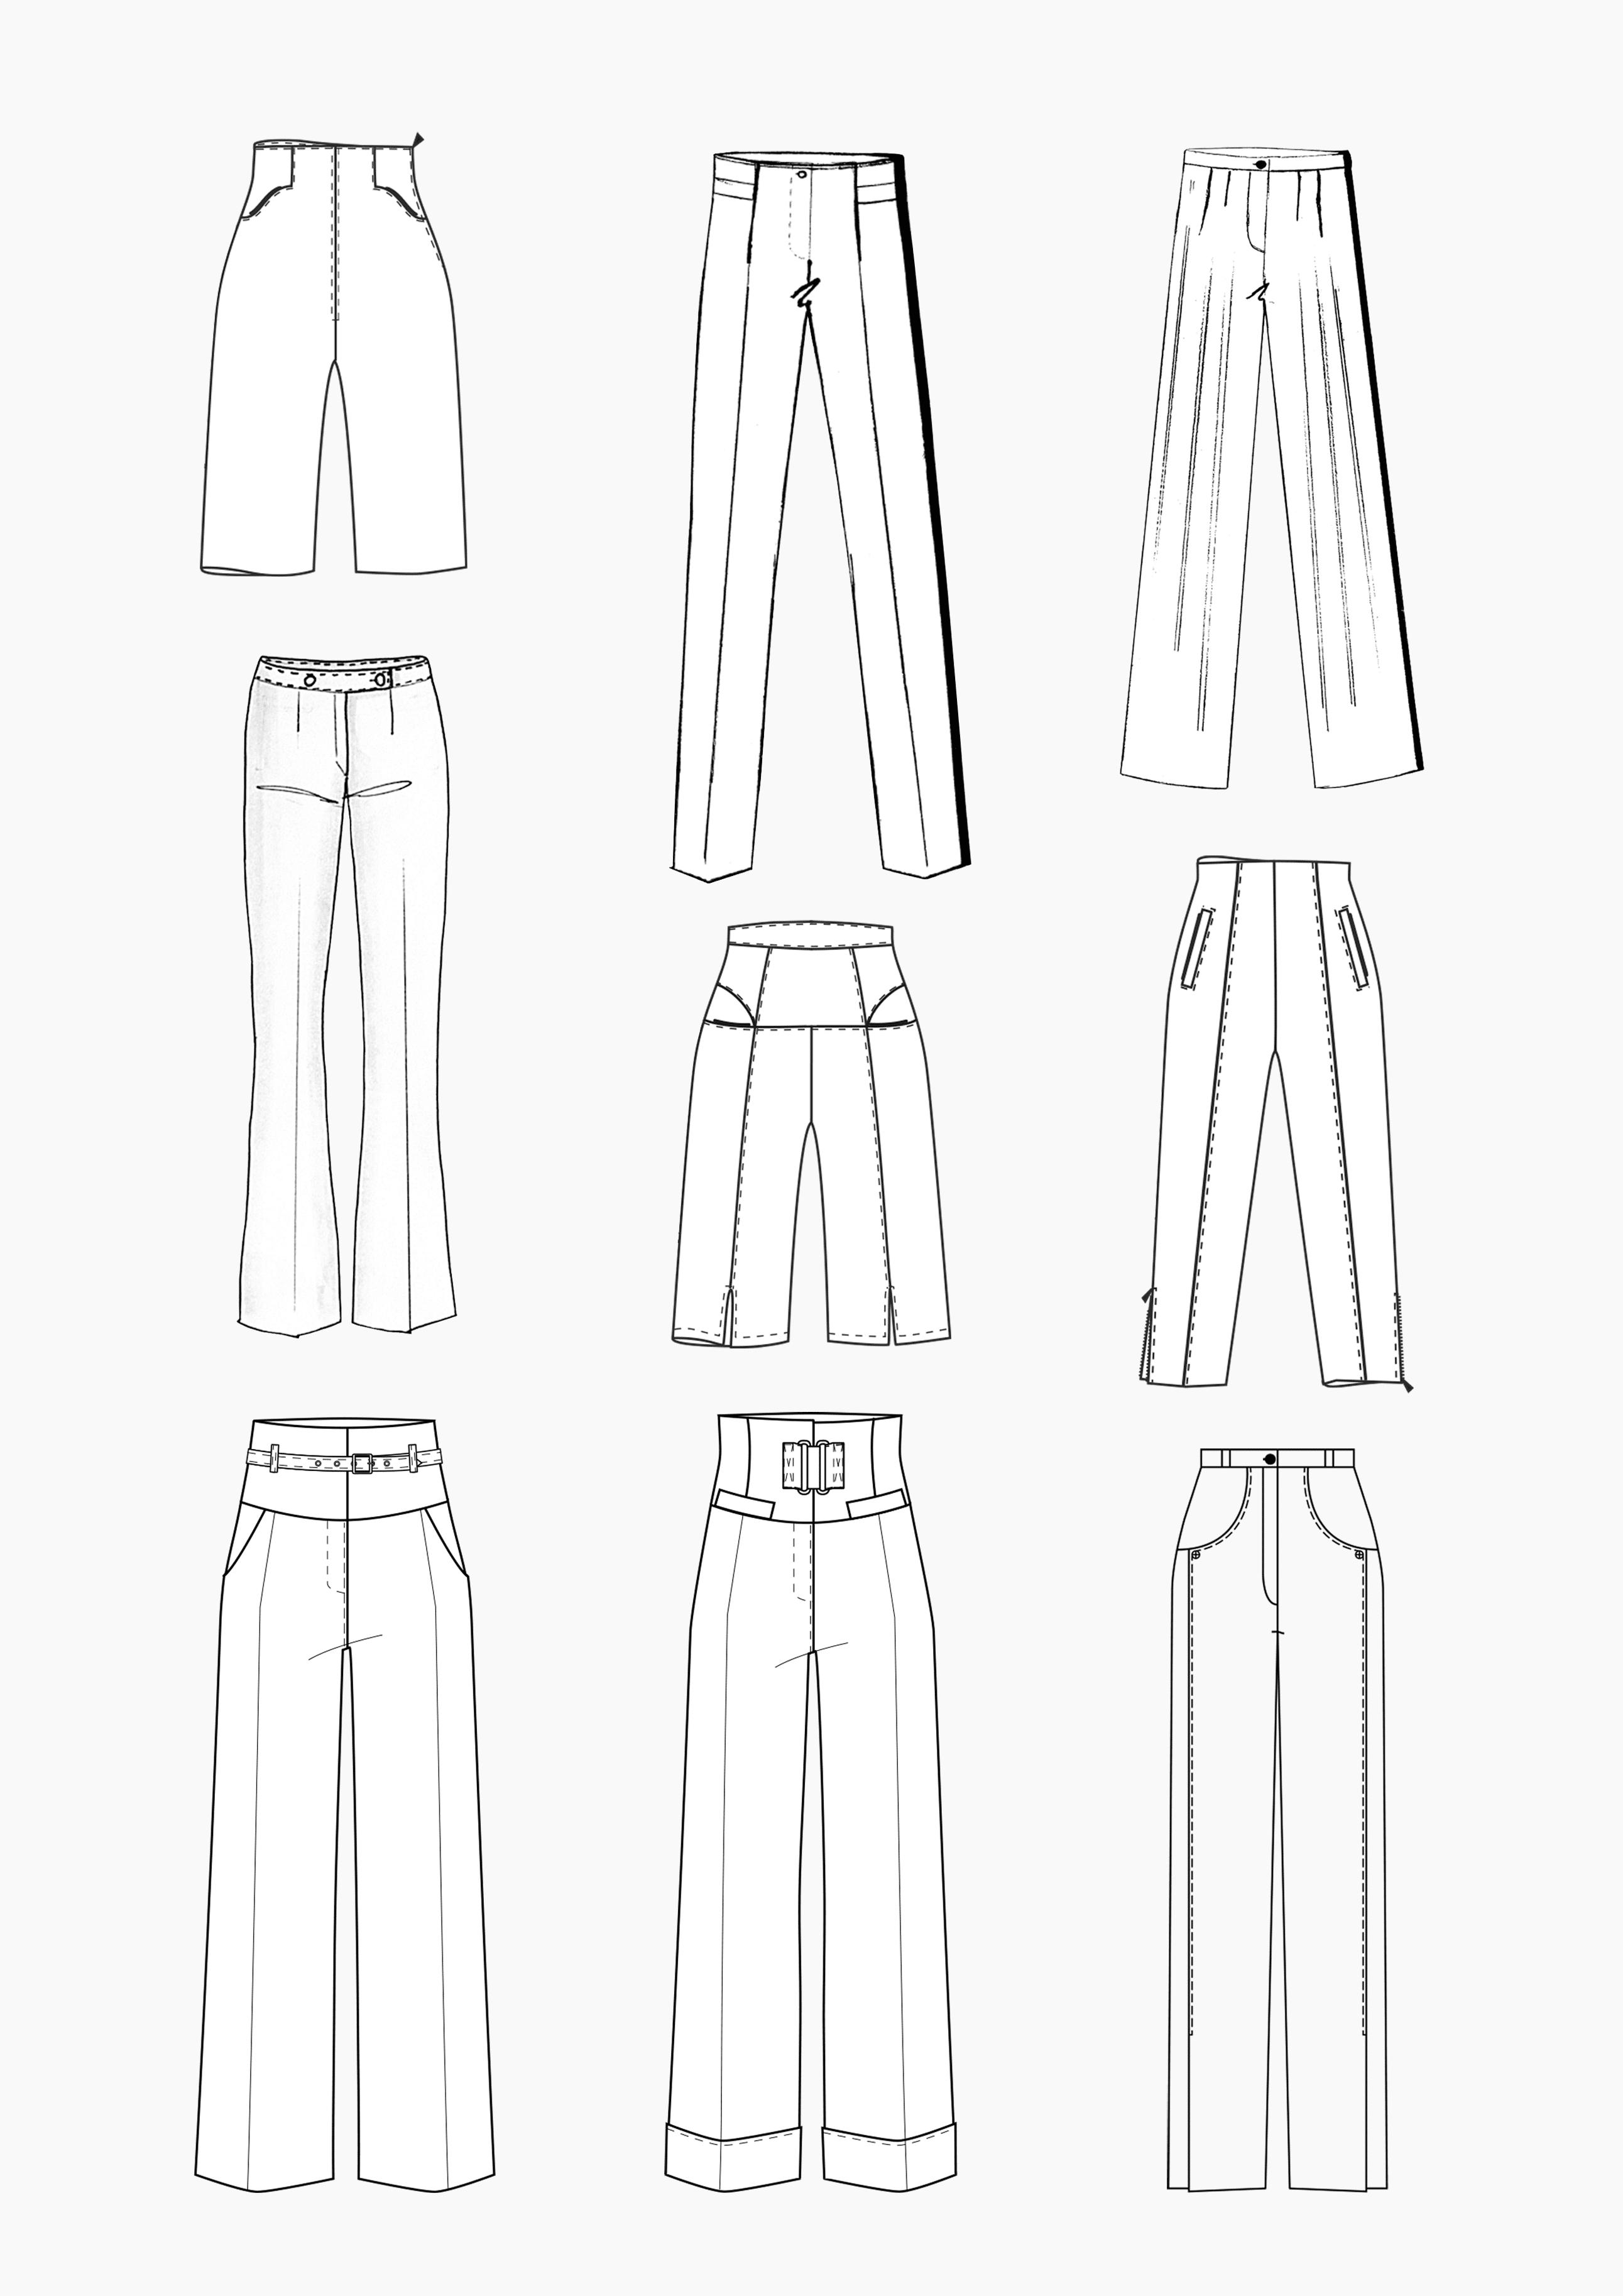 Produkt: Schnitt-Technik Hosen mit hoher Taille